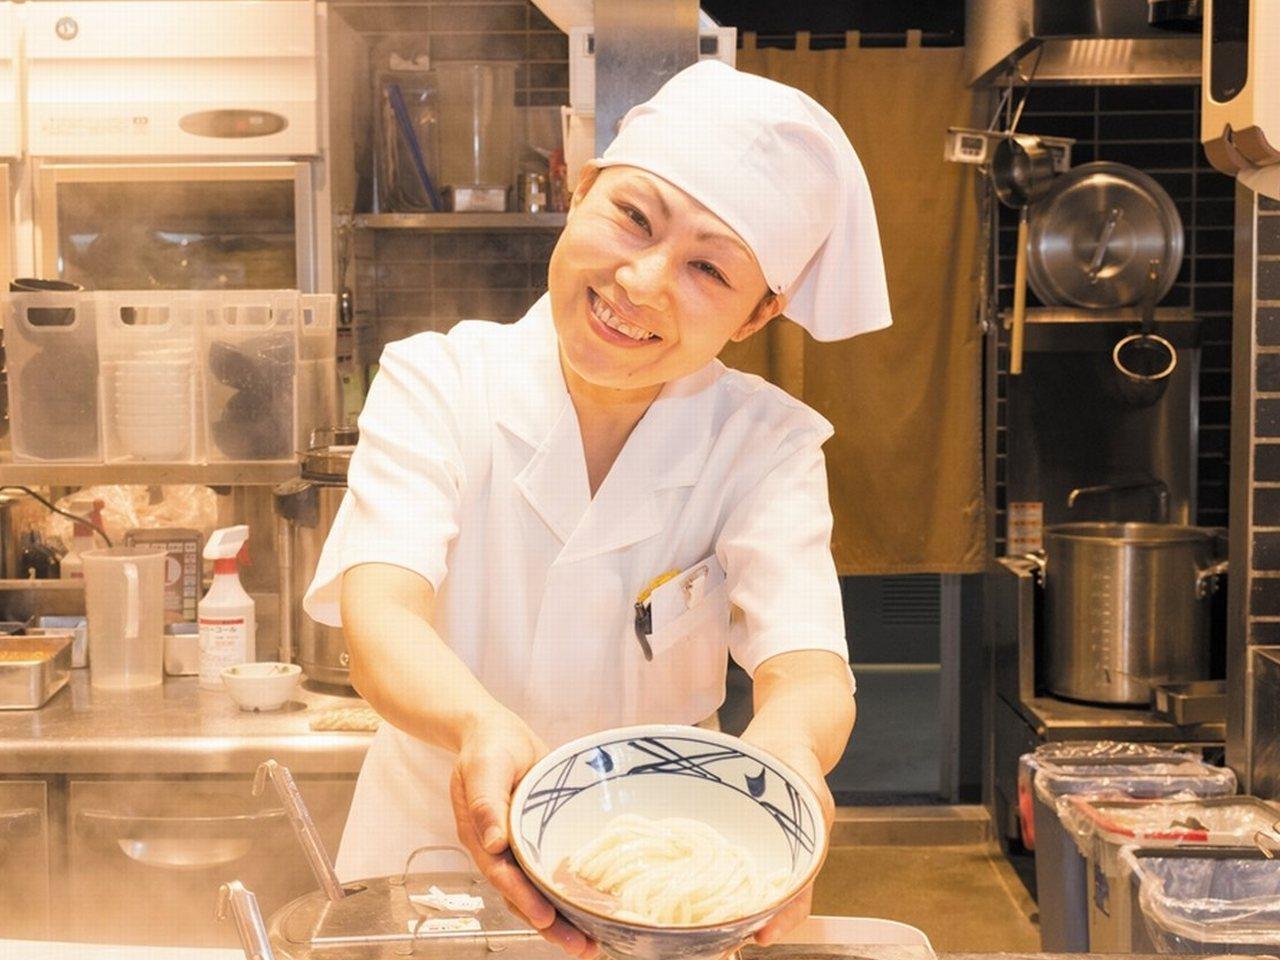 丸亀製麺 名古屋スパイラルタワーズ店 [店舗 No.110833]のアルバイト情報